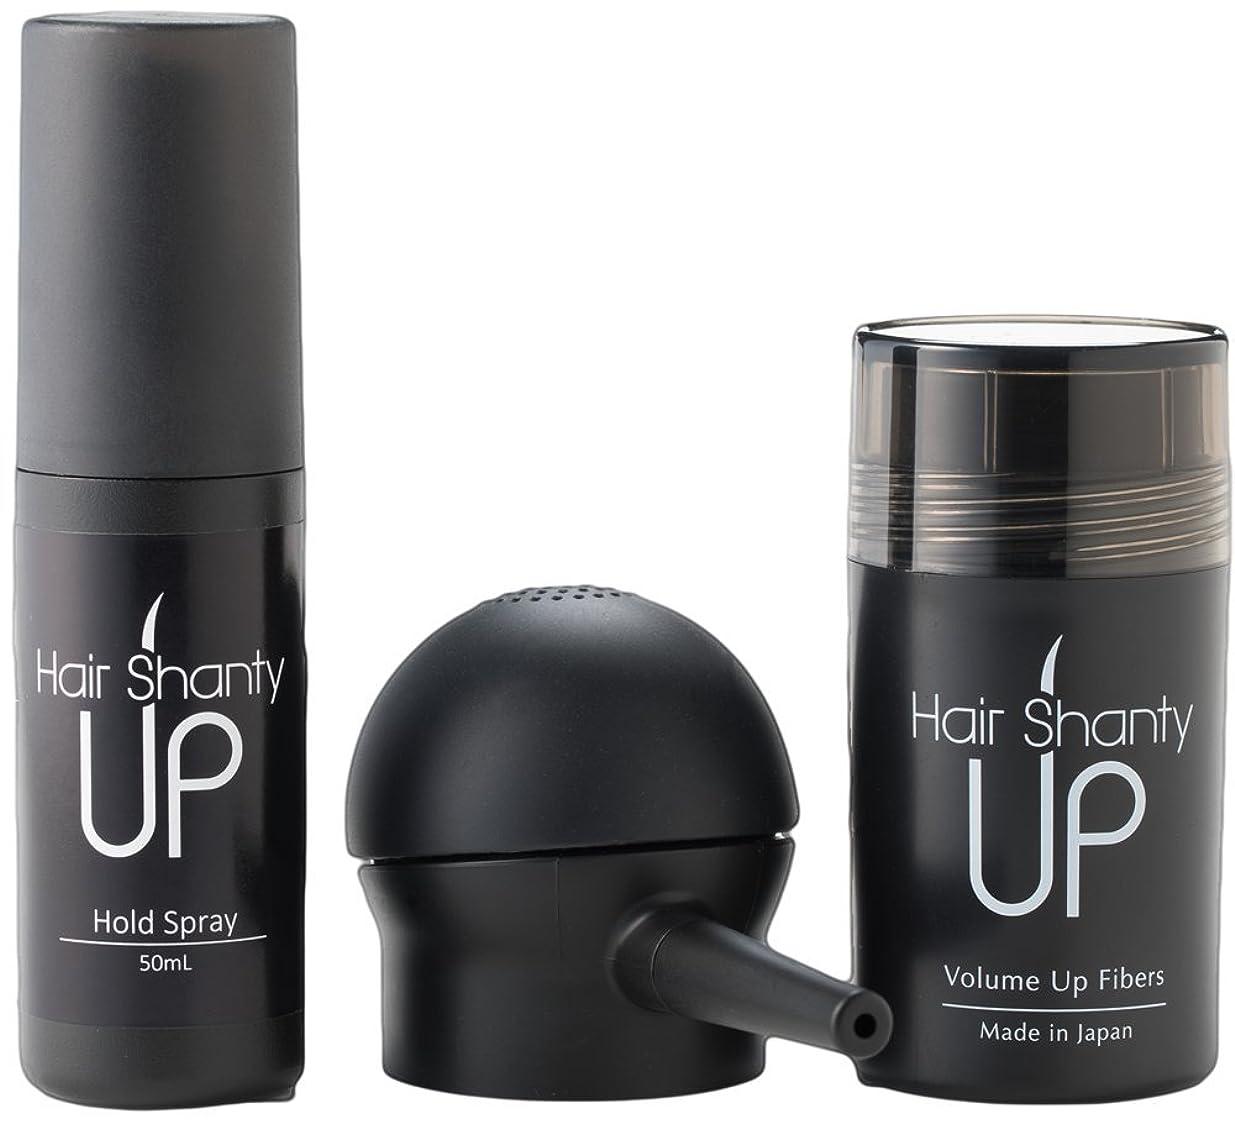 Hair Shanty Up ヘアシャンティアップ トライアル3点セット(ミディアムブラウン)